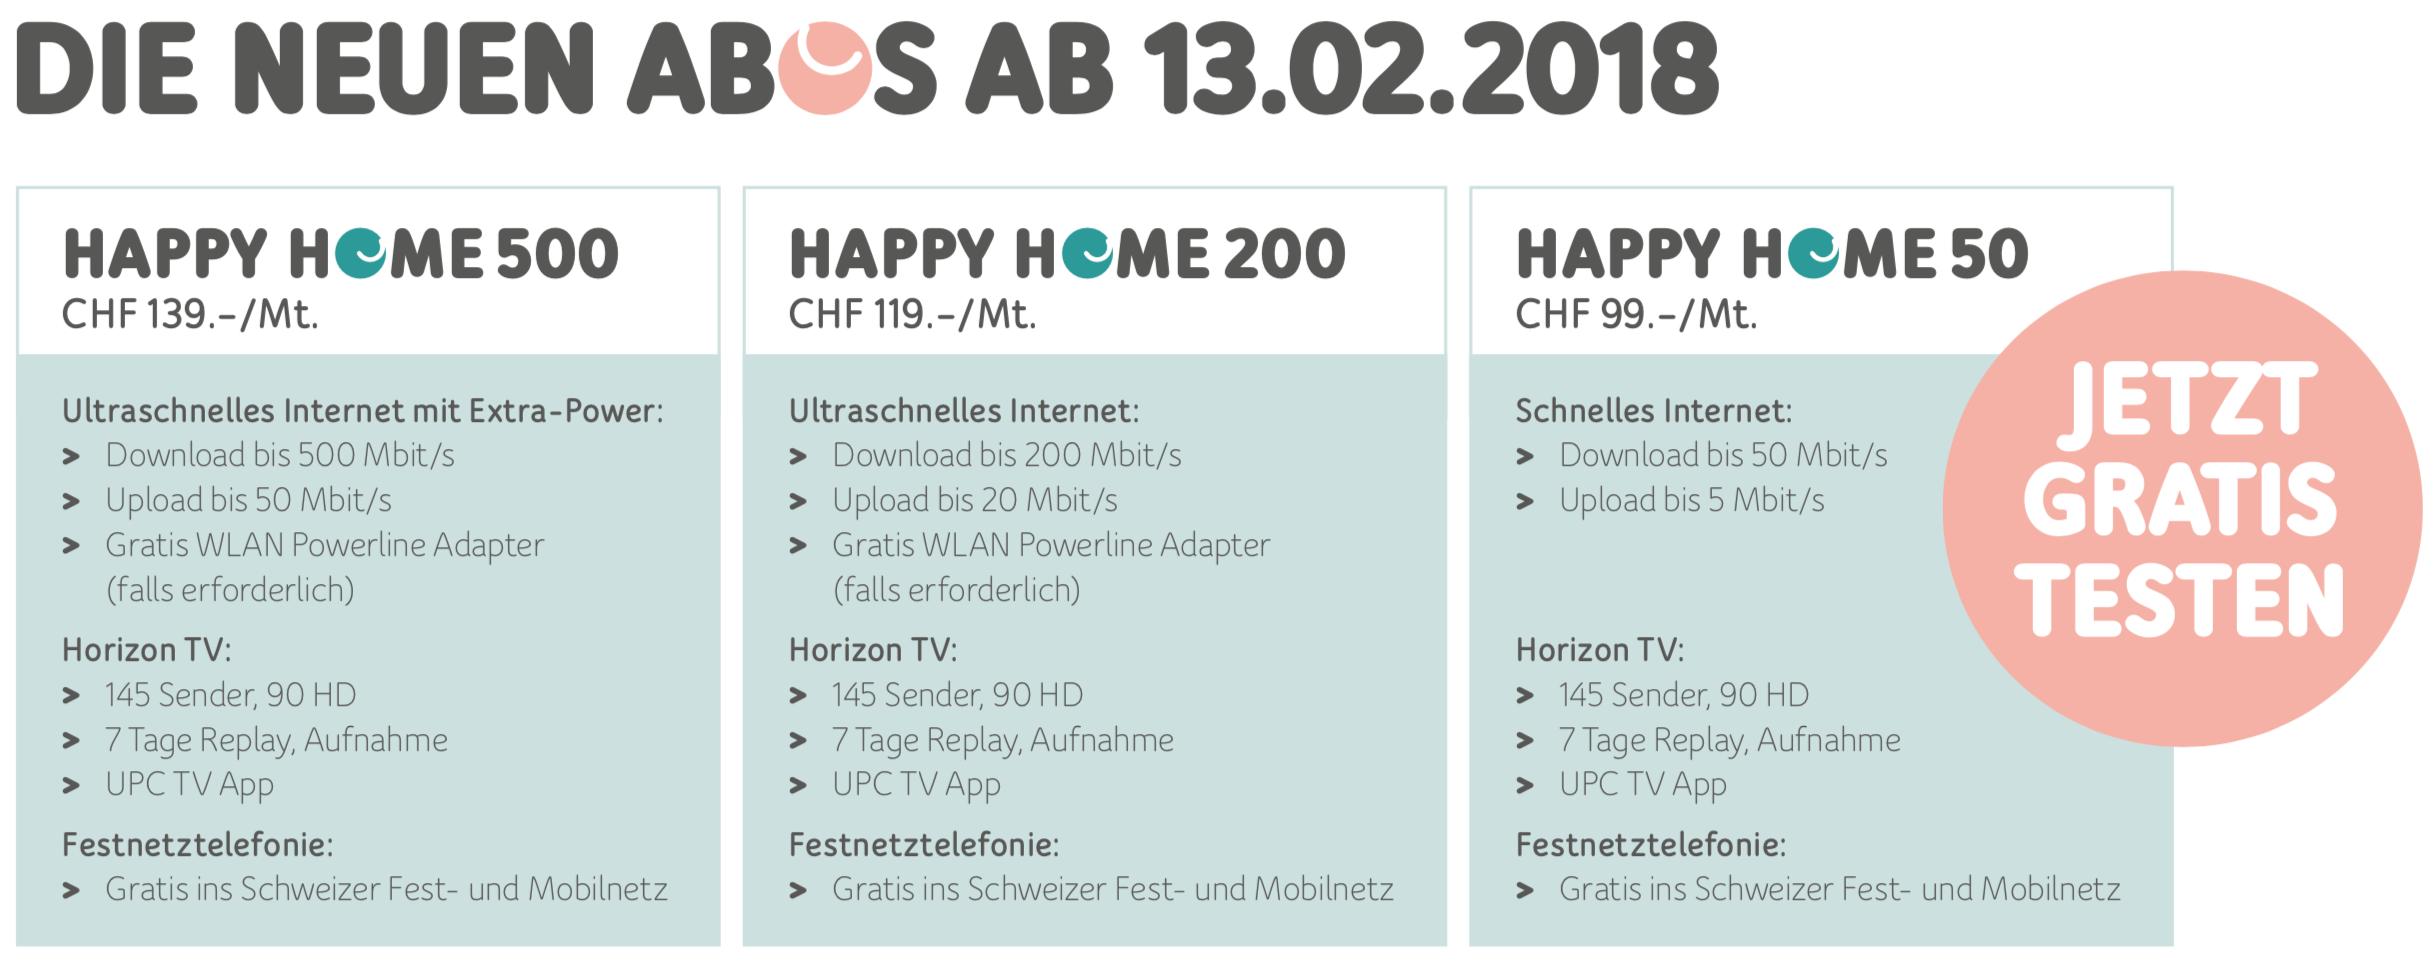 Fantastisch Fest Verdrahtete Internetverbindung Galerie - Der ...